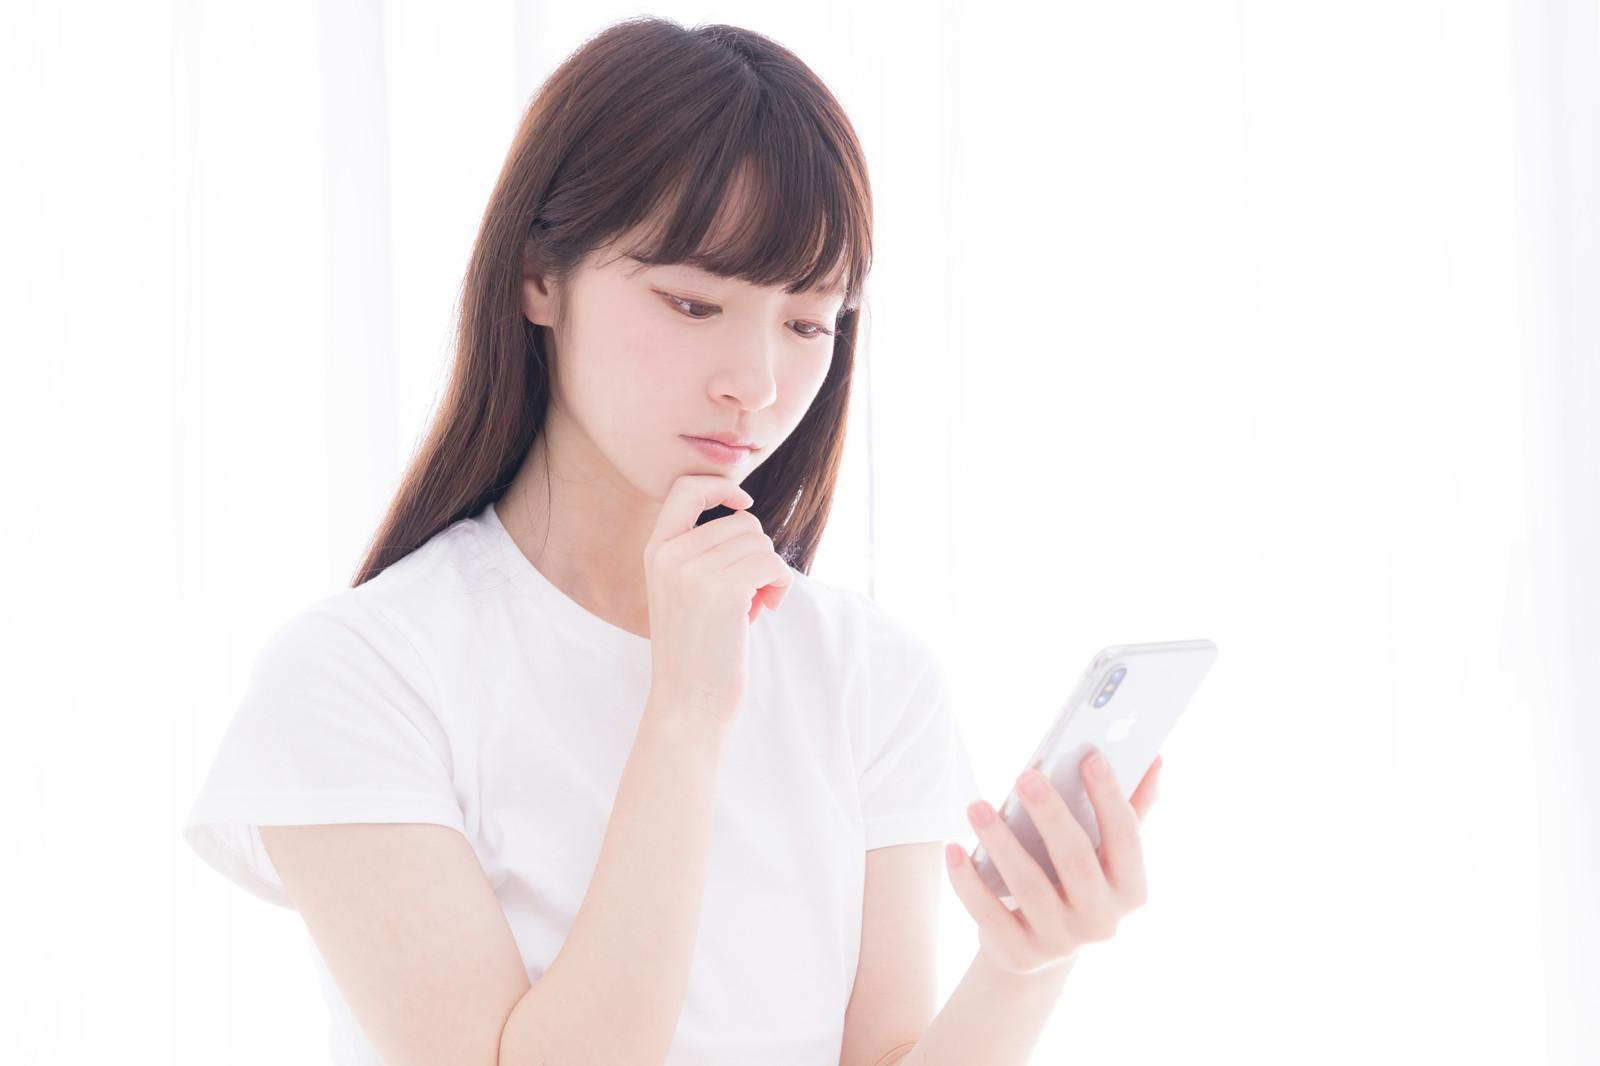 スマホを片手にLINEポイントを貯める方法を考える女性